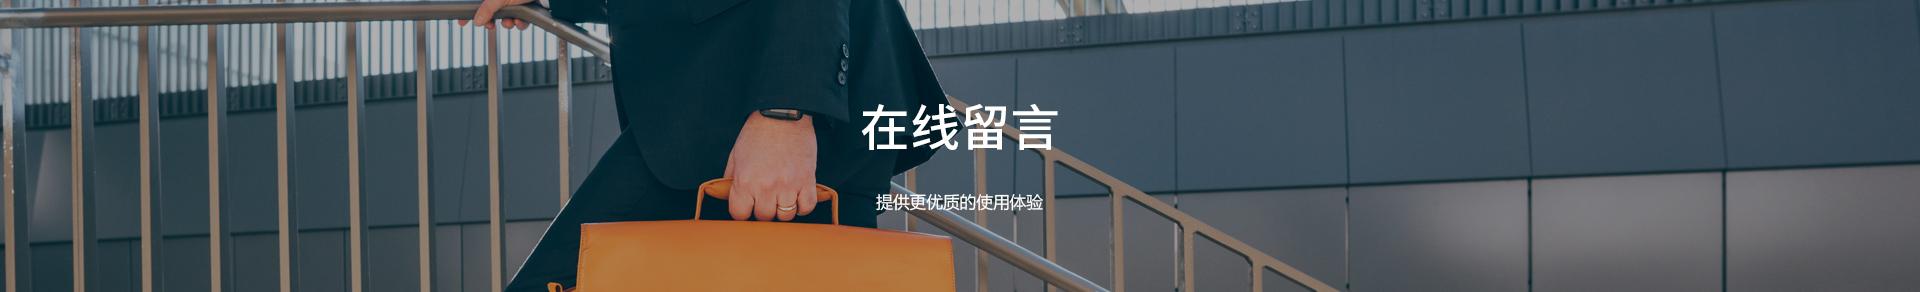 威海网站建设